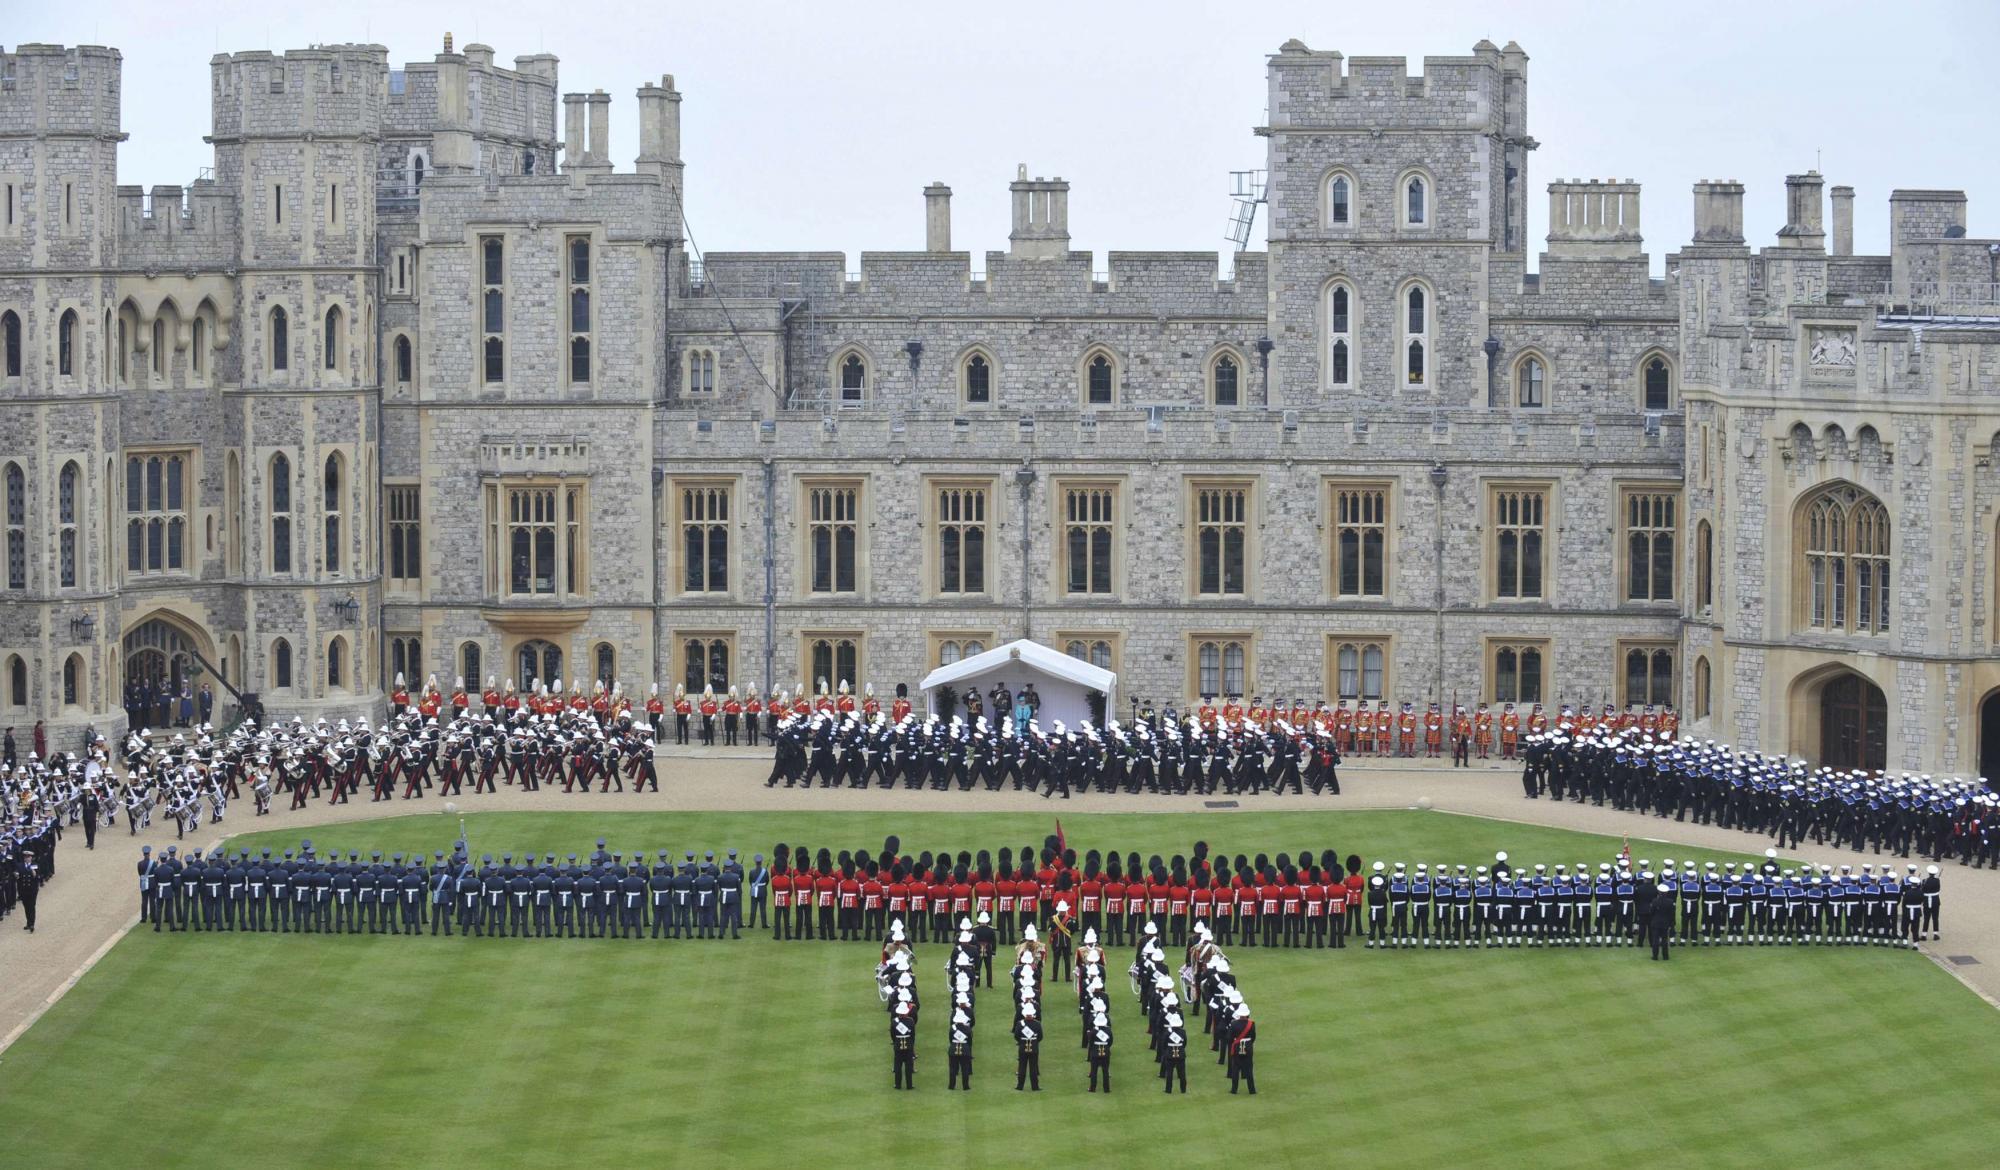 图:英国登基盛大阅兵式举行高中庆祝60周年怎样丛书学怎样·女王语文学图片